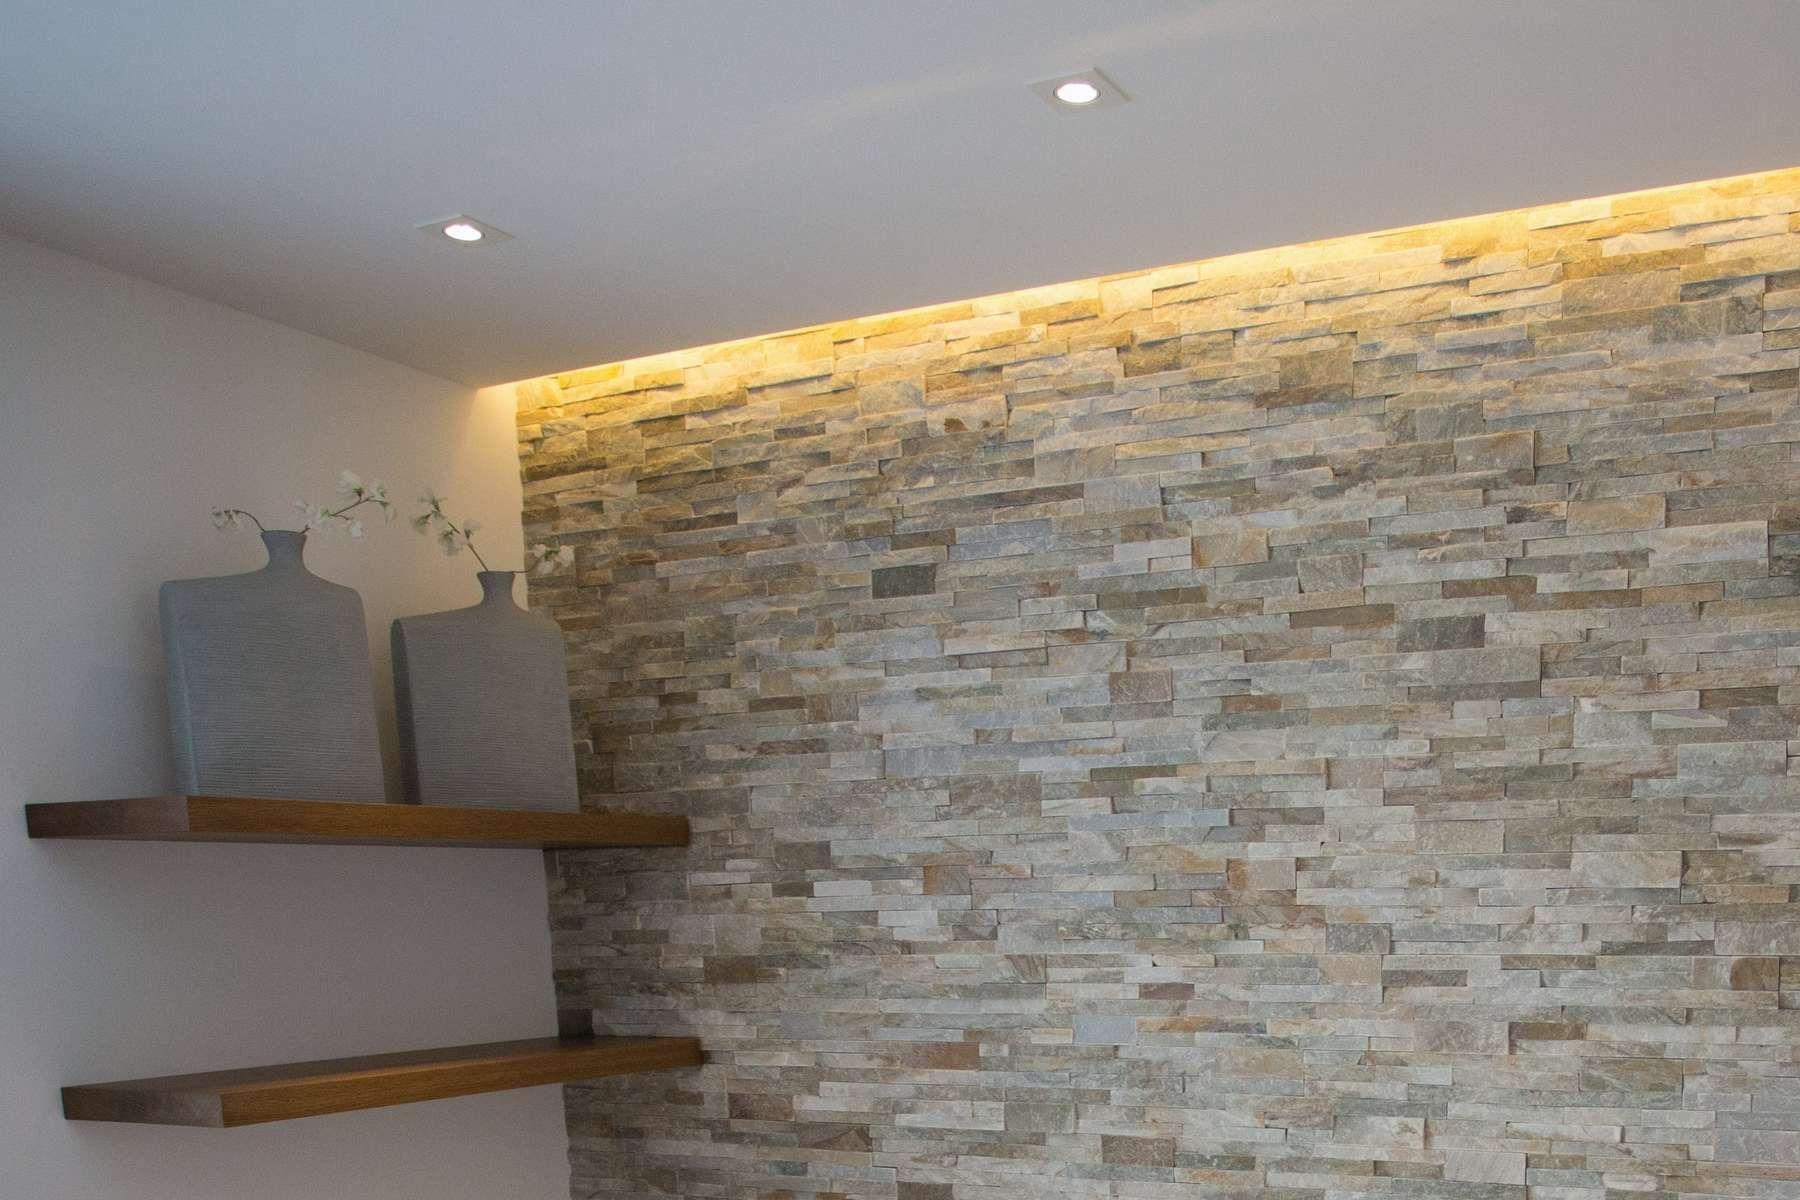 Badkamer Plafond Afsteken : Badkamer plafond verlagen cheap badkamer plafond maken luxe